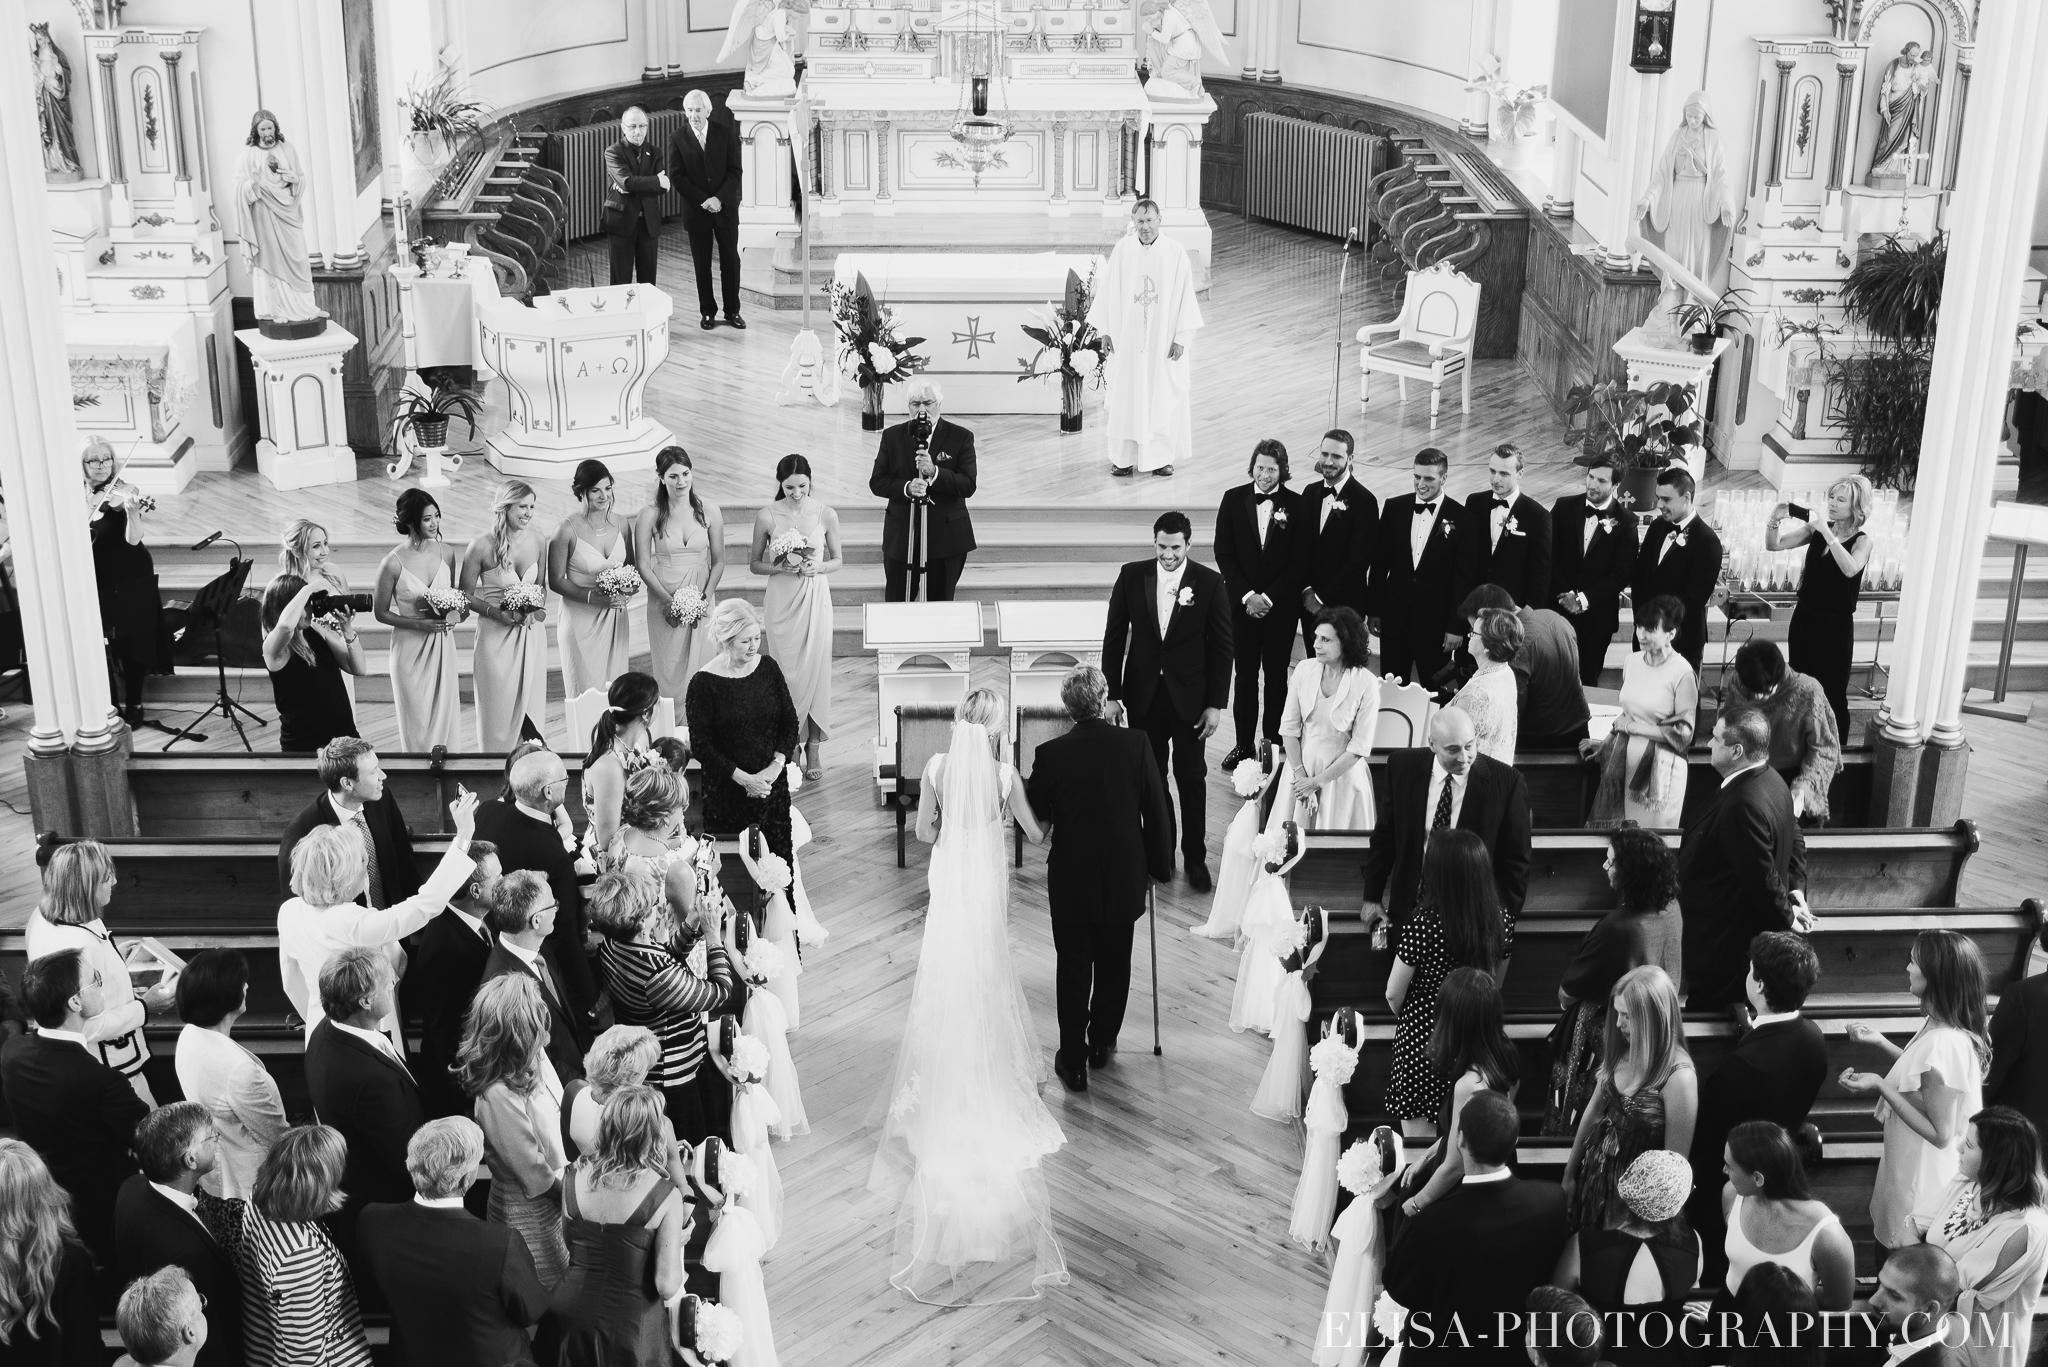 photo mariage entree de la mariee eglise domaine prive estate bord de l eau 6758 - Mariage sur un domaine privé au bord de l'eau: Emmanuelle & Marc-Antoine